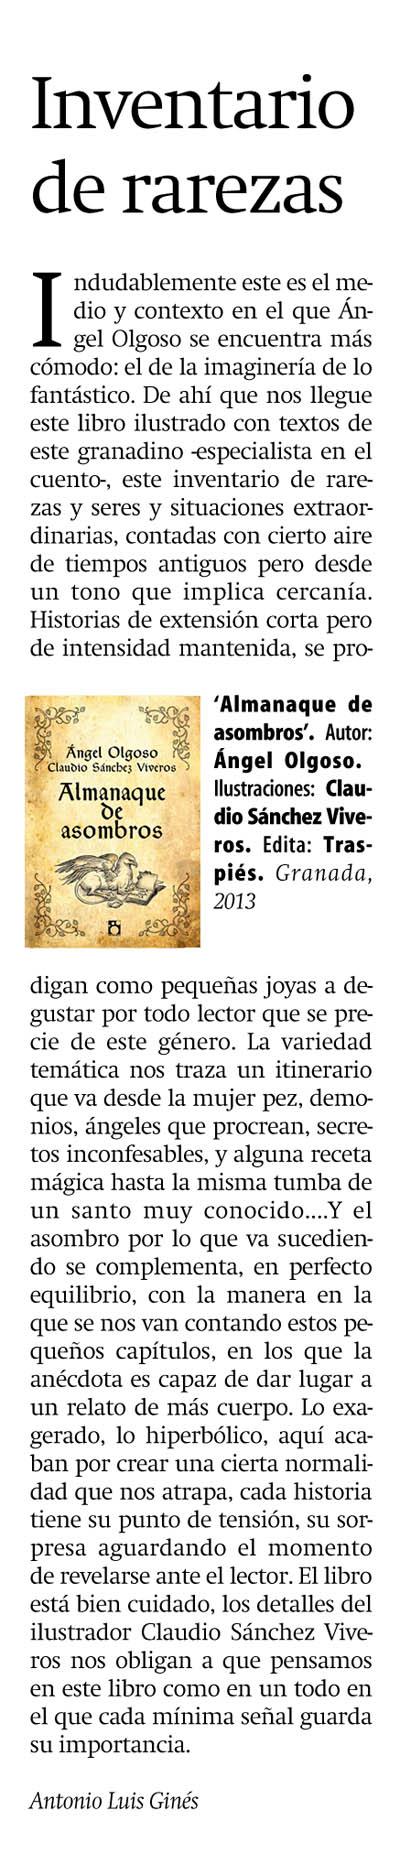 Inventario de rarezas ediciones traspi s for Viveros sanchez